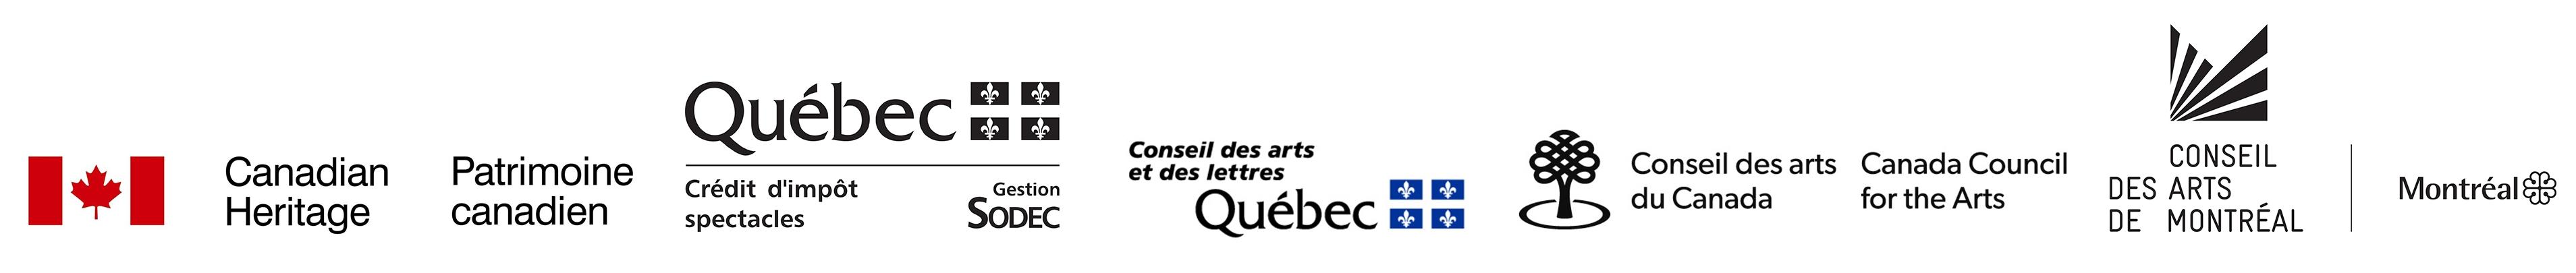 Angele Dubeau Tour2016